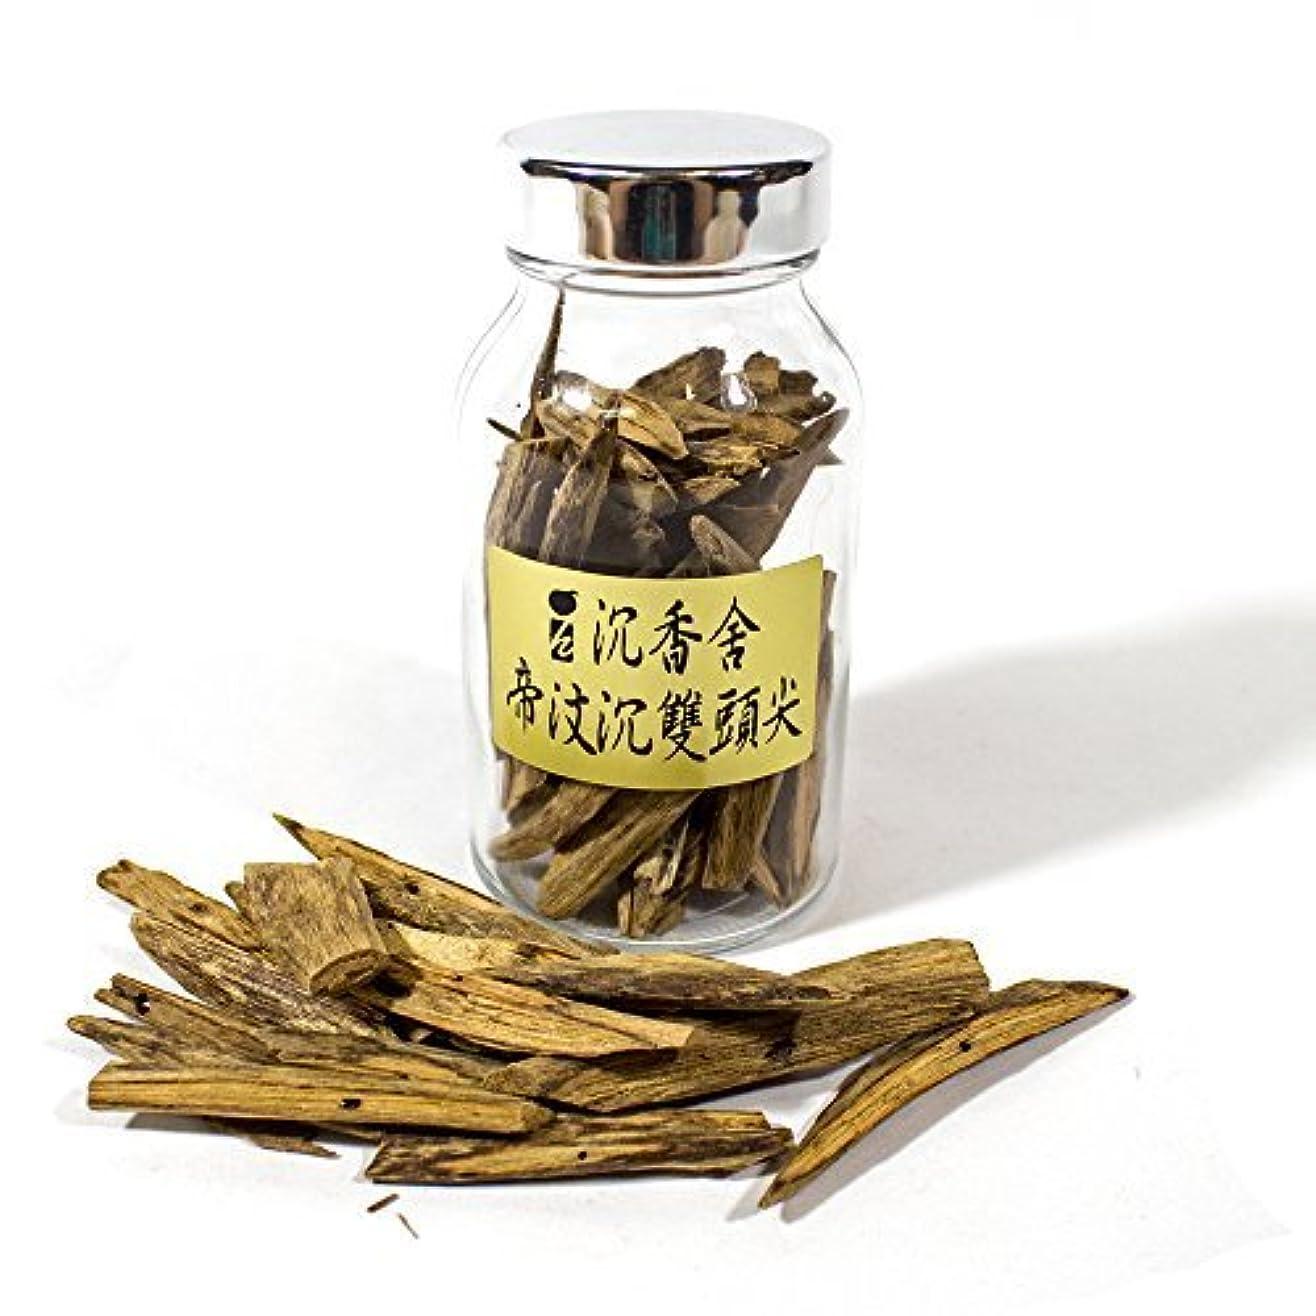 ホーム反抗北米Agarwood Aloeswood Chip Scrap - TiMor Island 20g Collection Grade by IncenseHouse - Raw Material [並行輸入品]